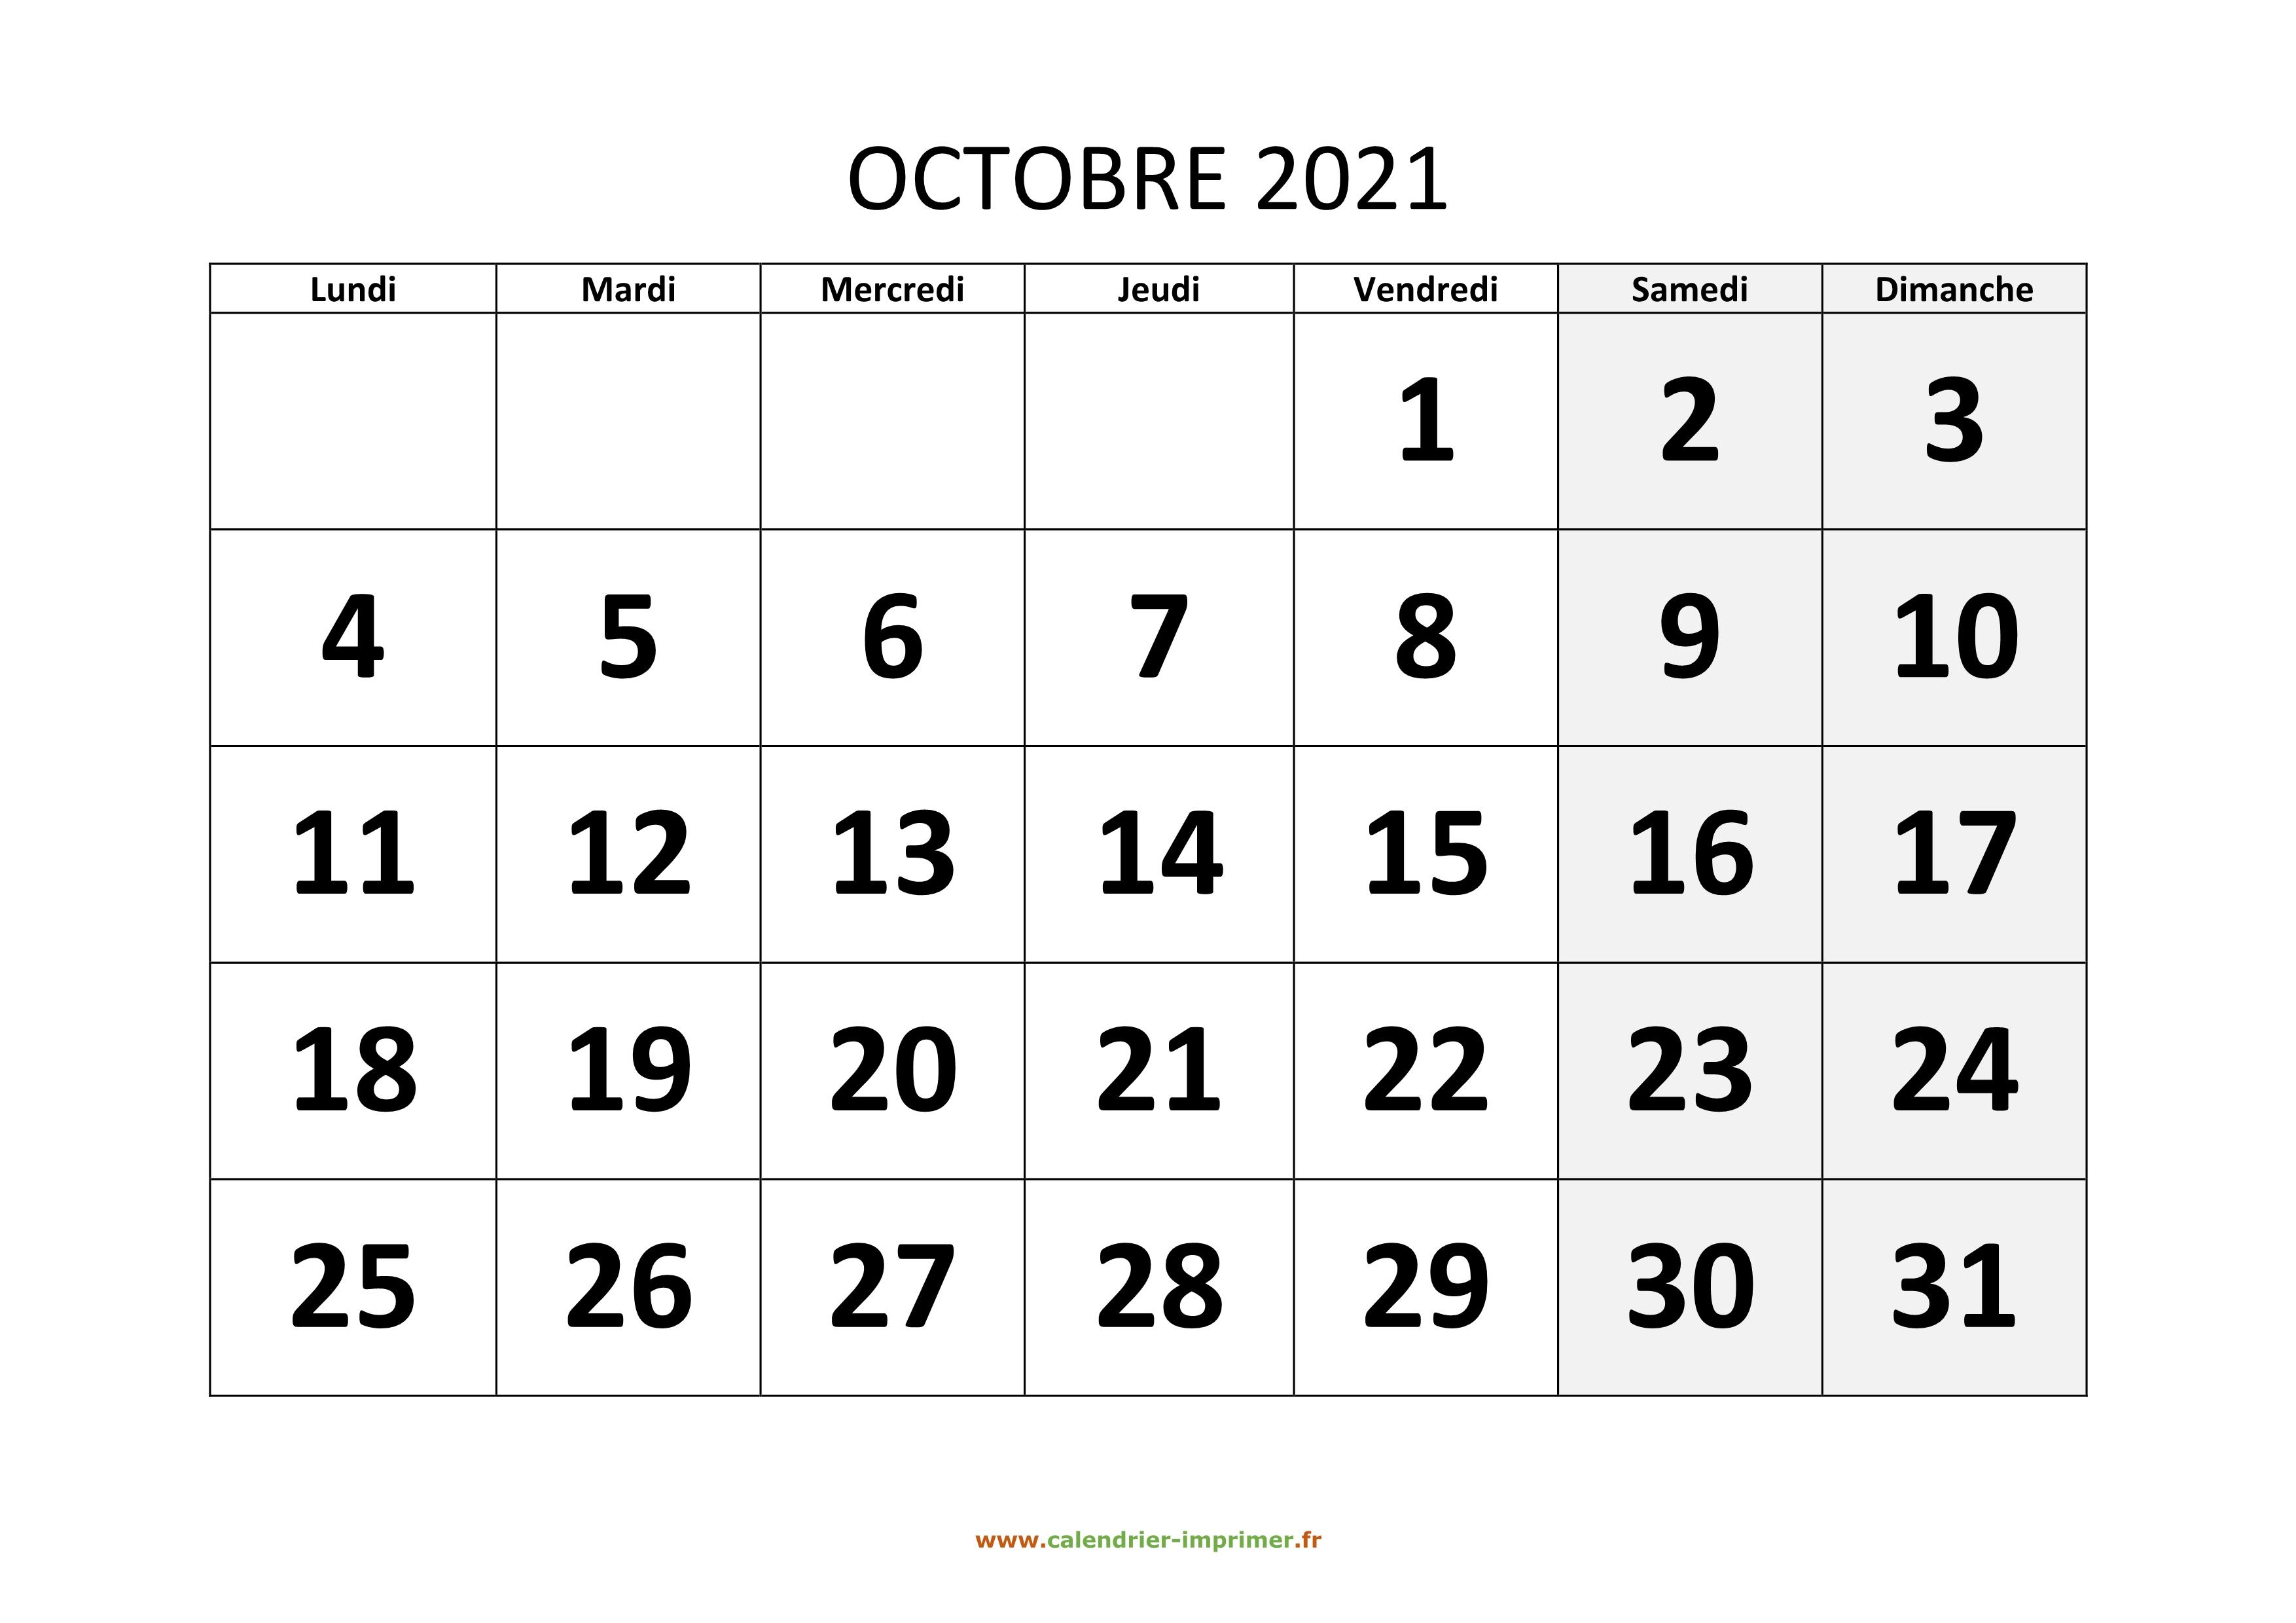 Calendrier 2021 Octobre Calendrier Octobre 2021 à imprimer